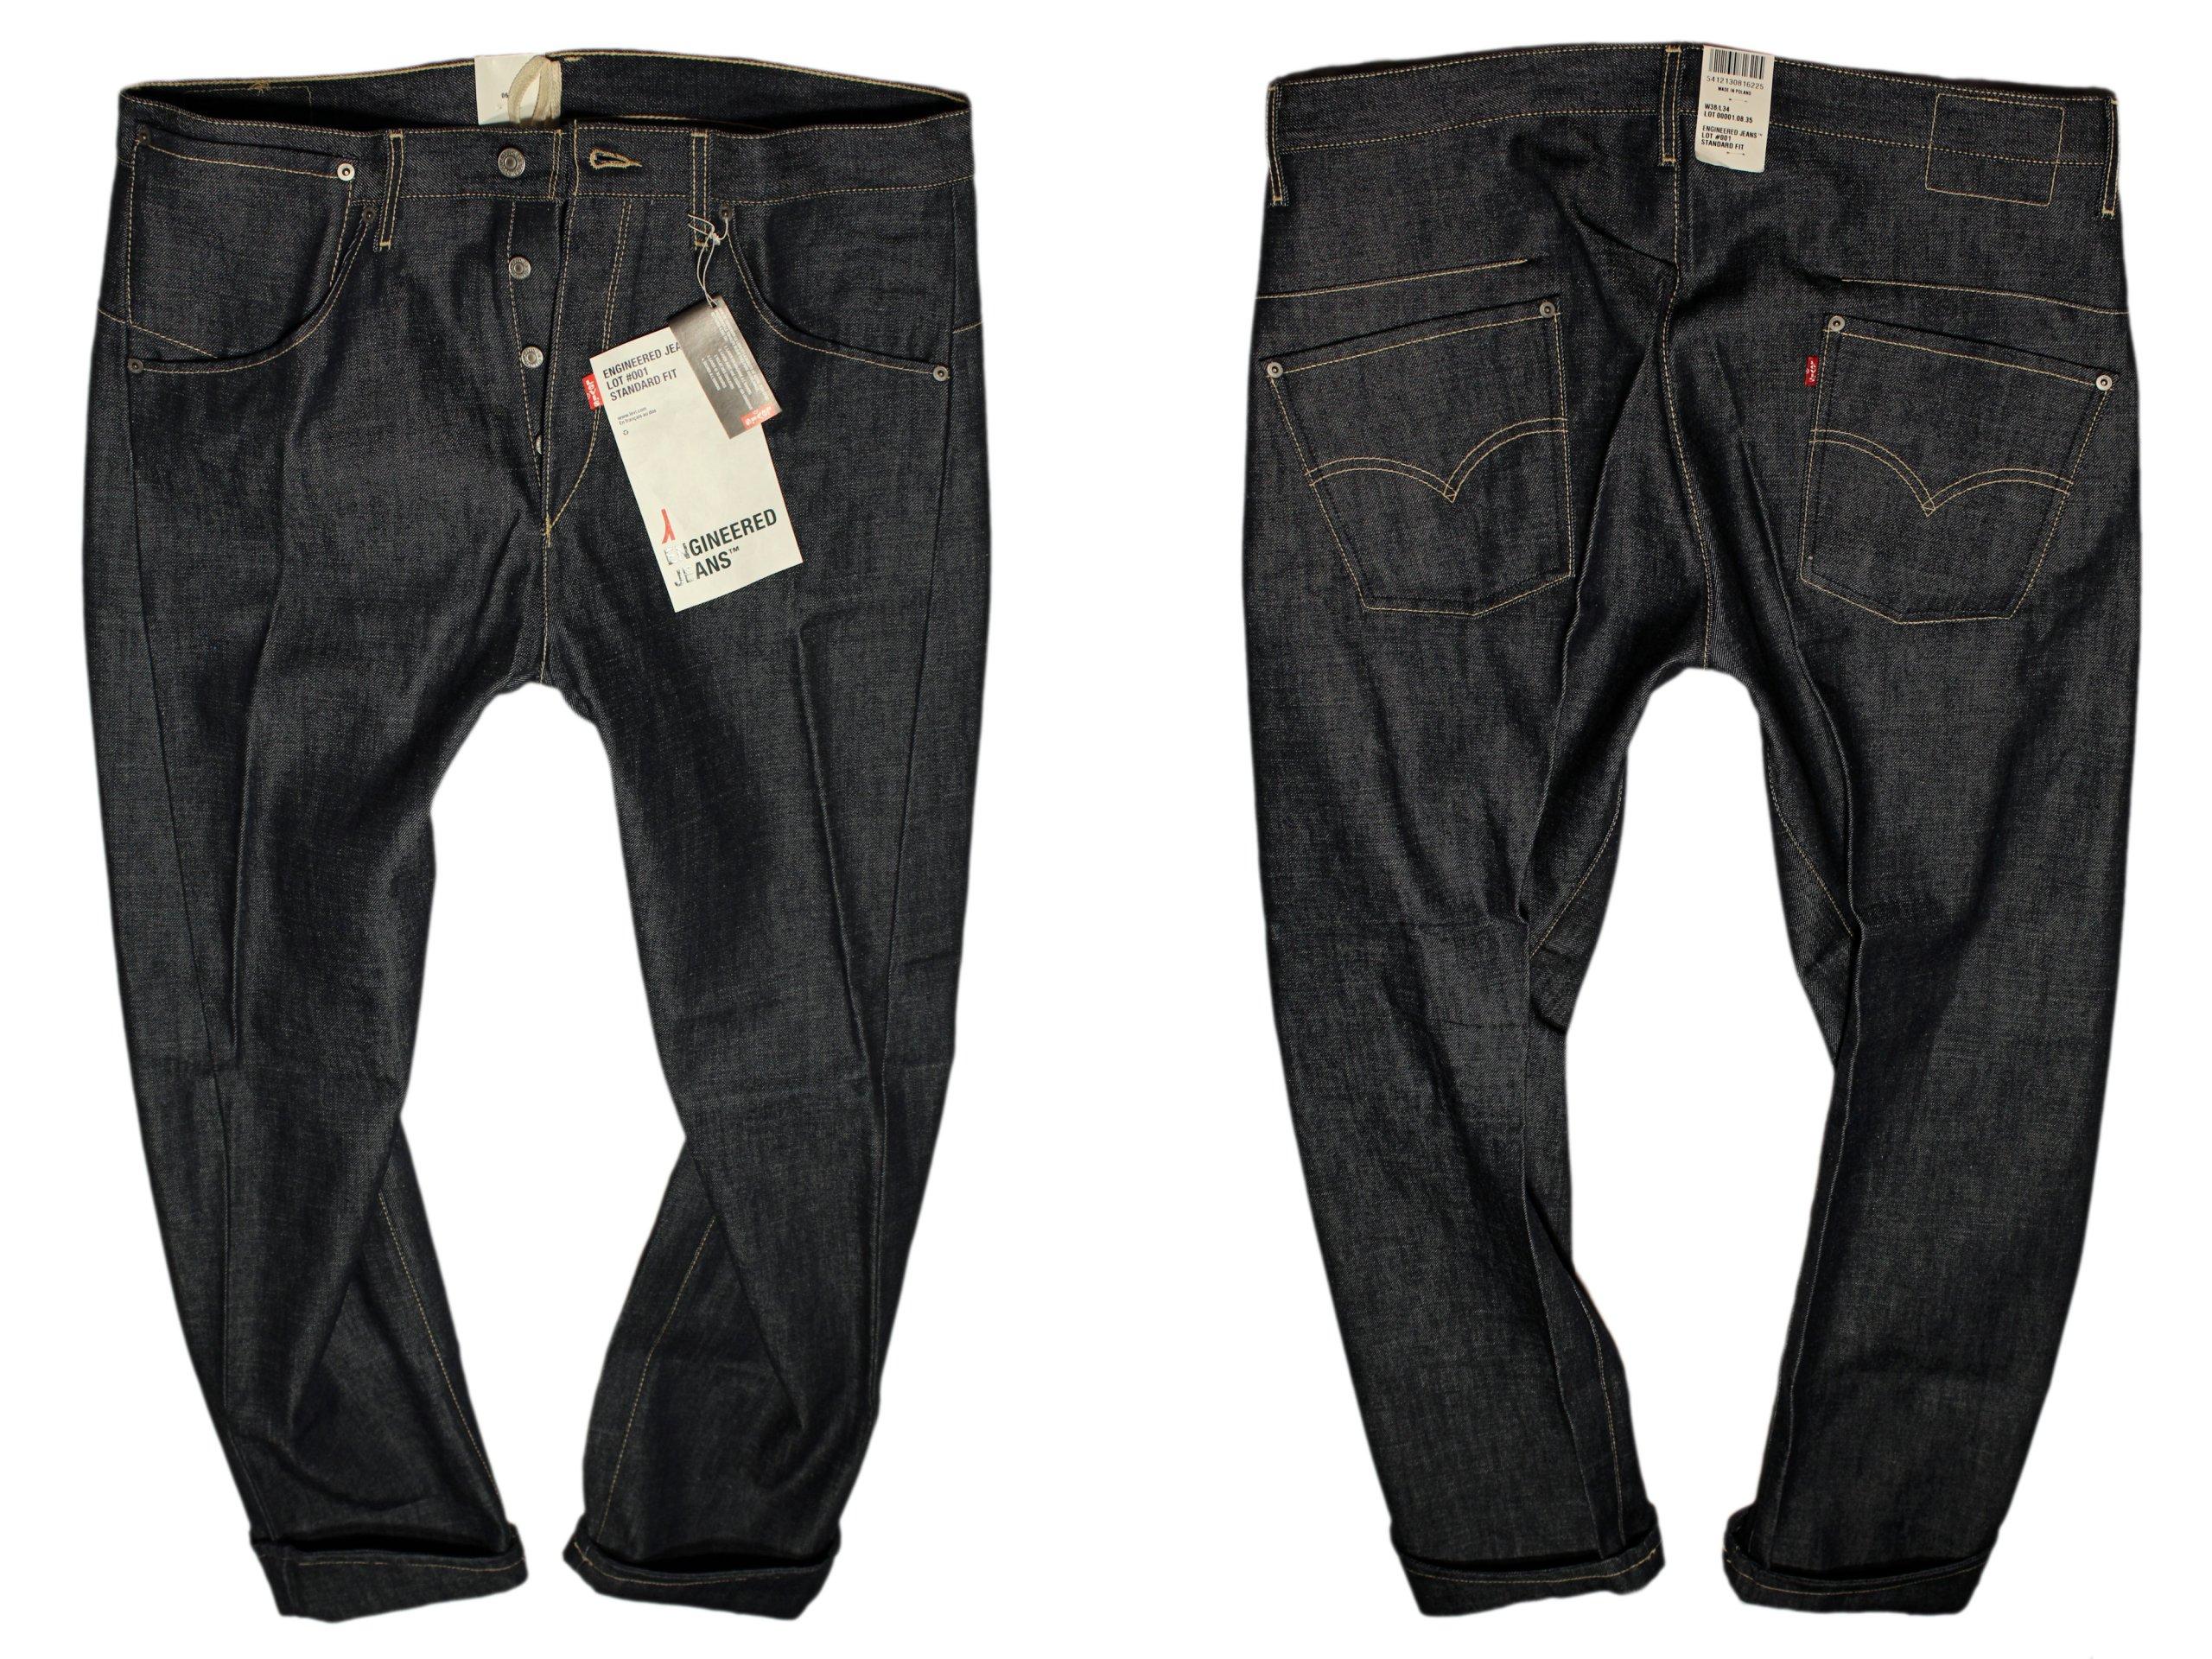 LEVI'S inžinierstva džínsy skrútené nohy W26 L30 LEVIS